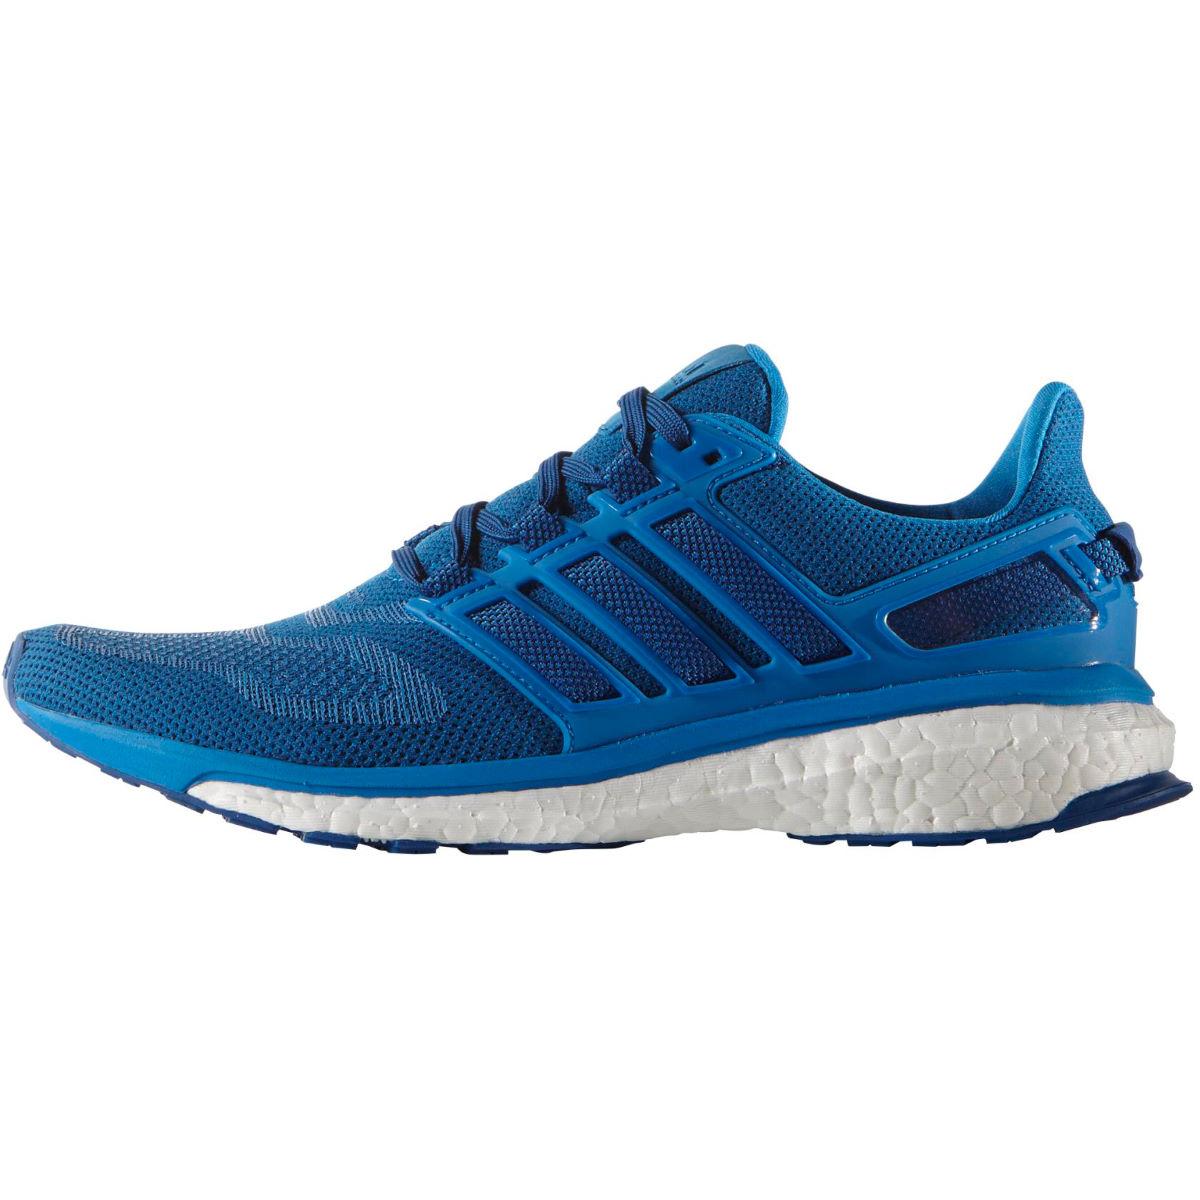 Adidas Boost Adidas 3pv16Acolchadas Energy 3pv16Acolchadas Energy Adidas Zapatillas Zapatillas Boost Energy Zapatillas Boost 5ARj43Lq